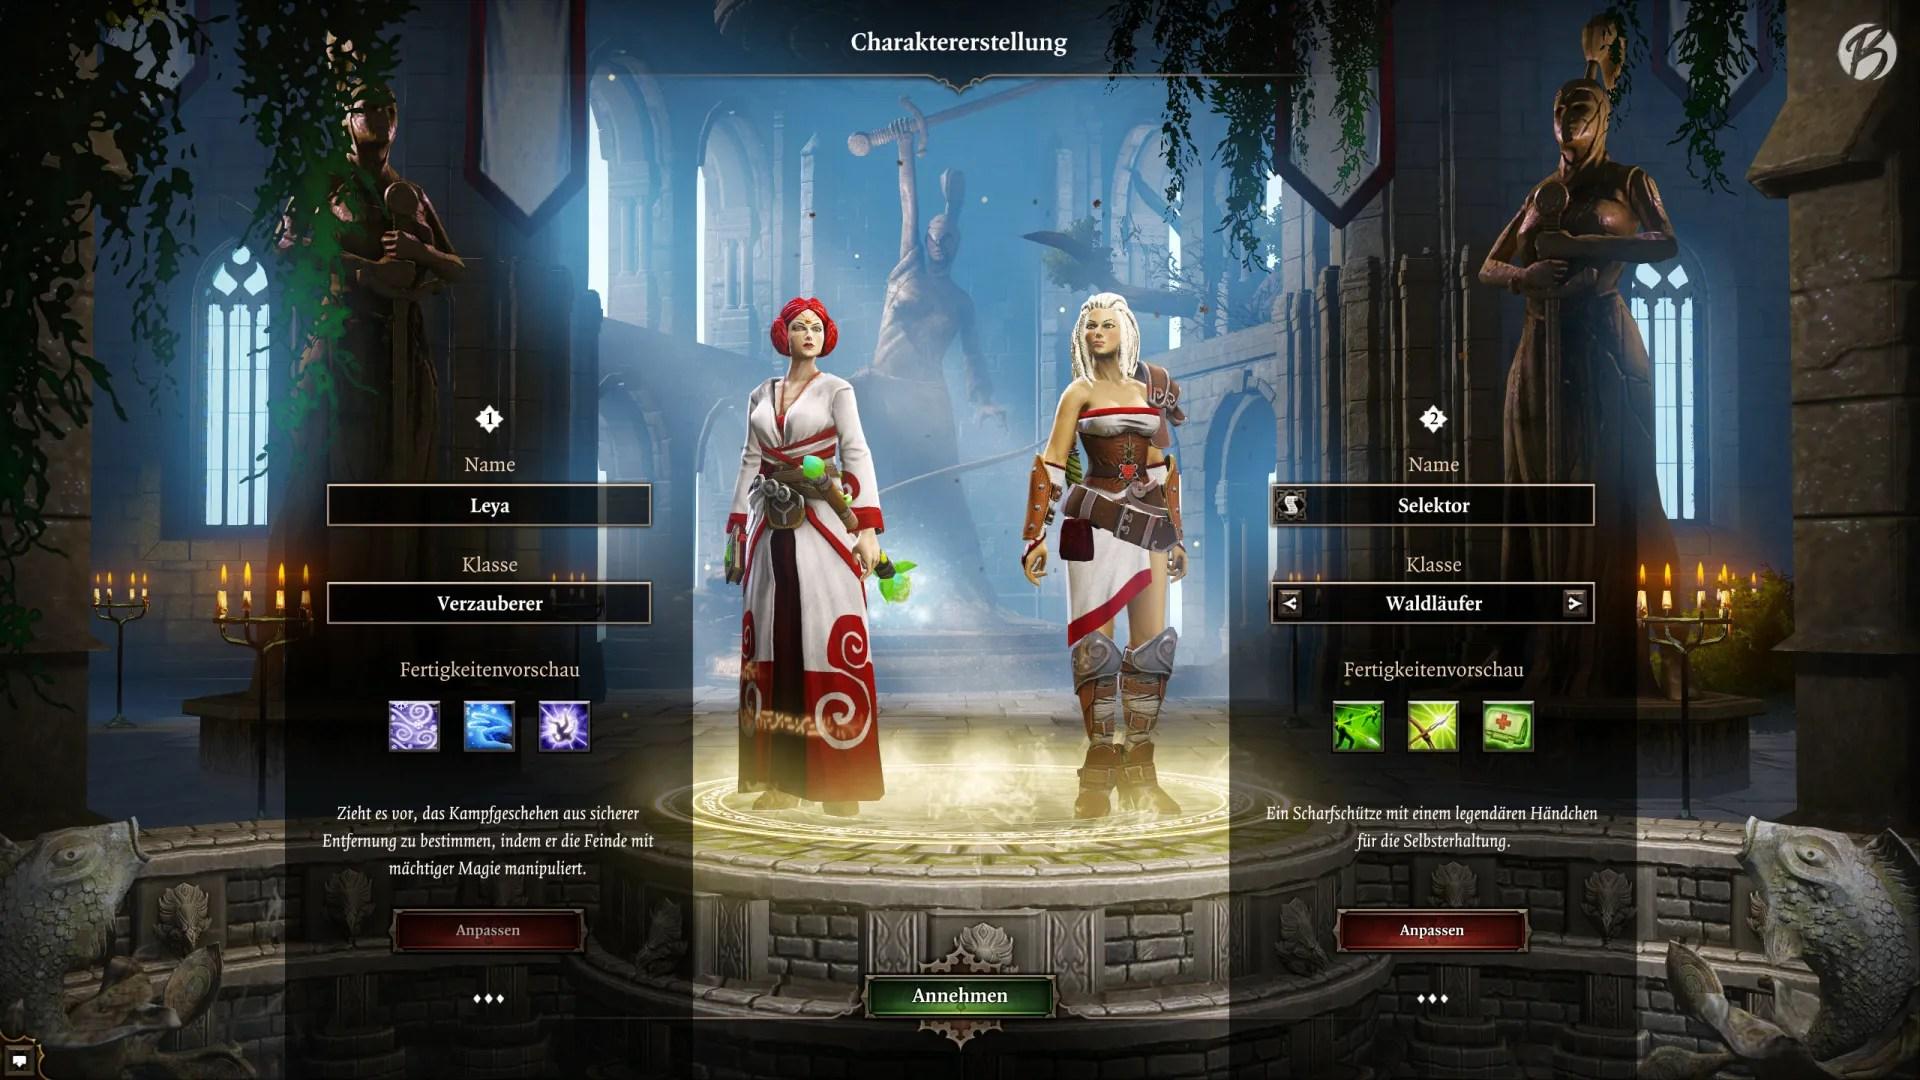 Divinity Original Sin - Im Koop-Modus erstellt jeder Spieler seinen eigenen Charakter mit ausgewählten Werten und Fähigkeiten.